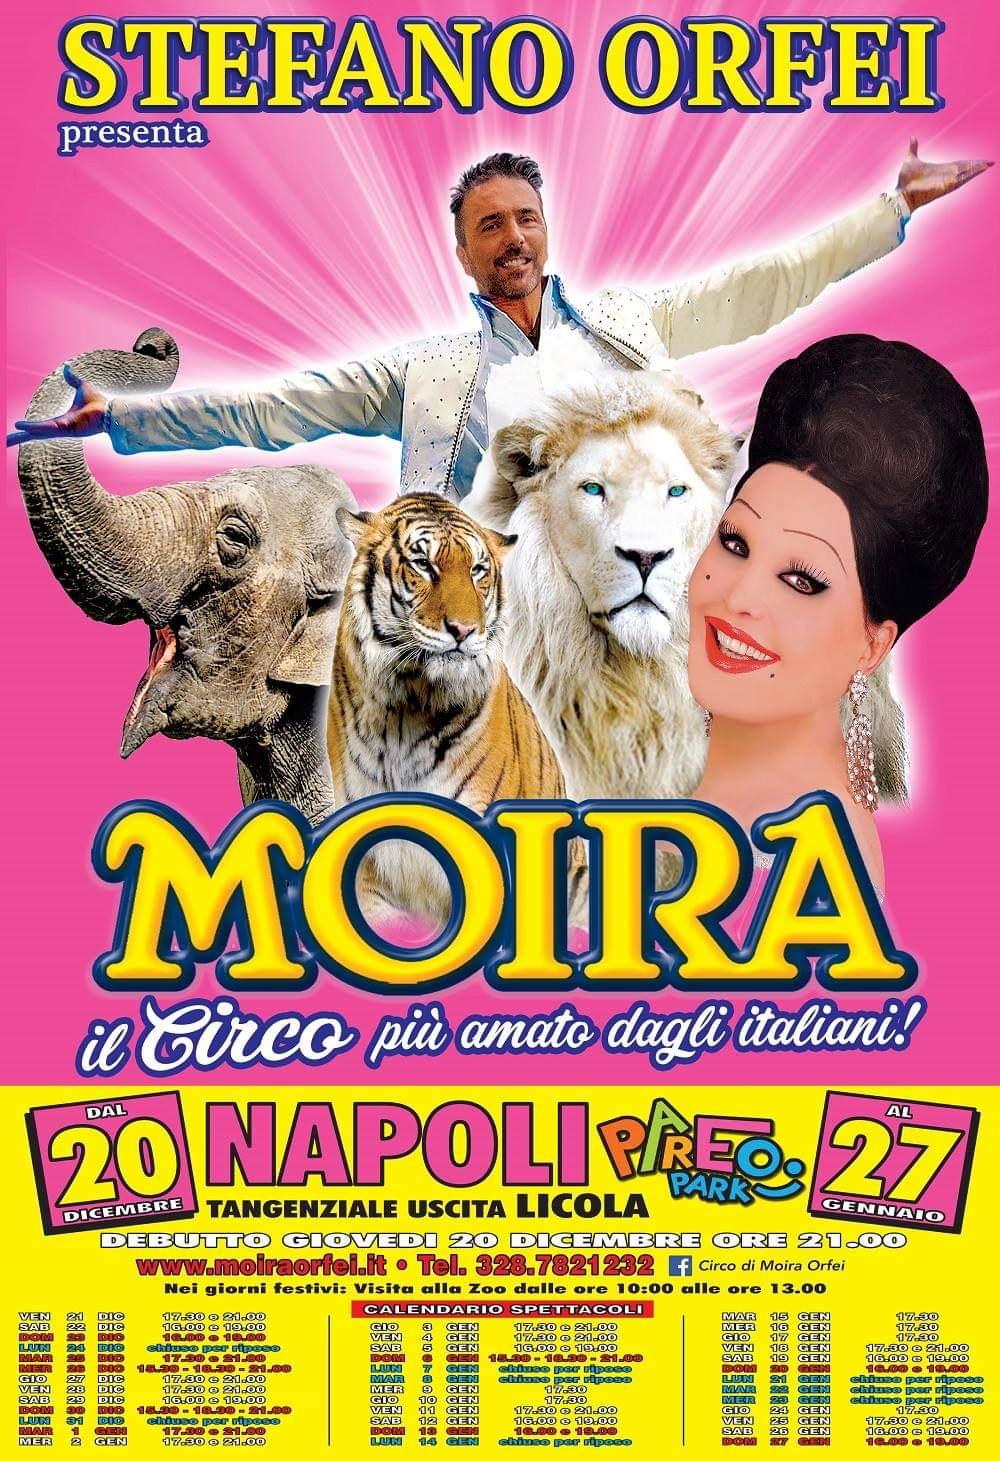 """""""Il Circo Di Moira Orfei Festeggia A Napoli I 250 Anni Di Storia Delle Arti Circensi"""""""